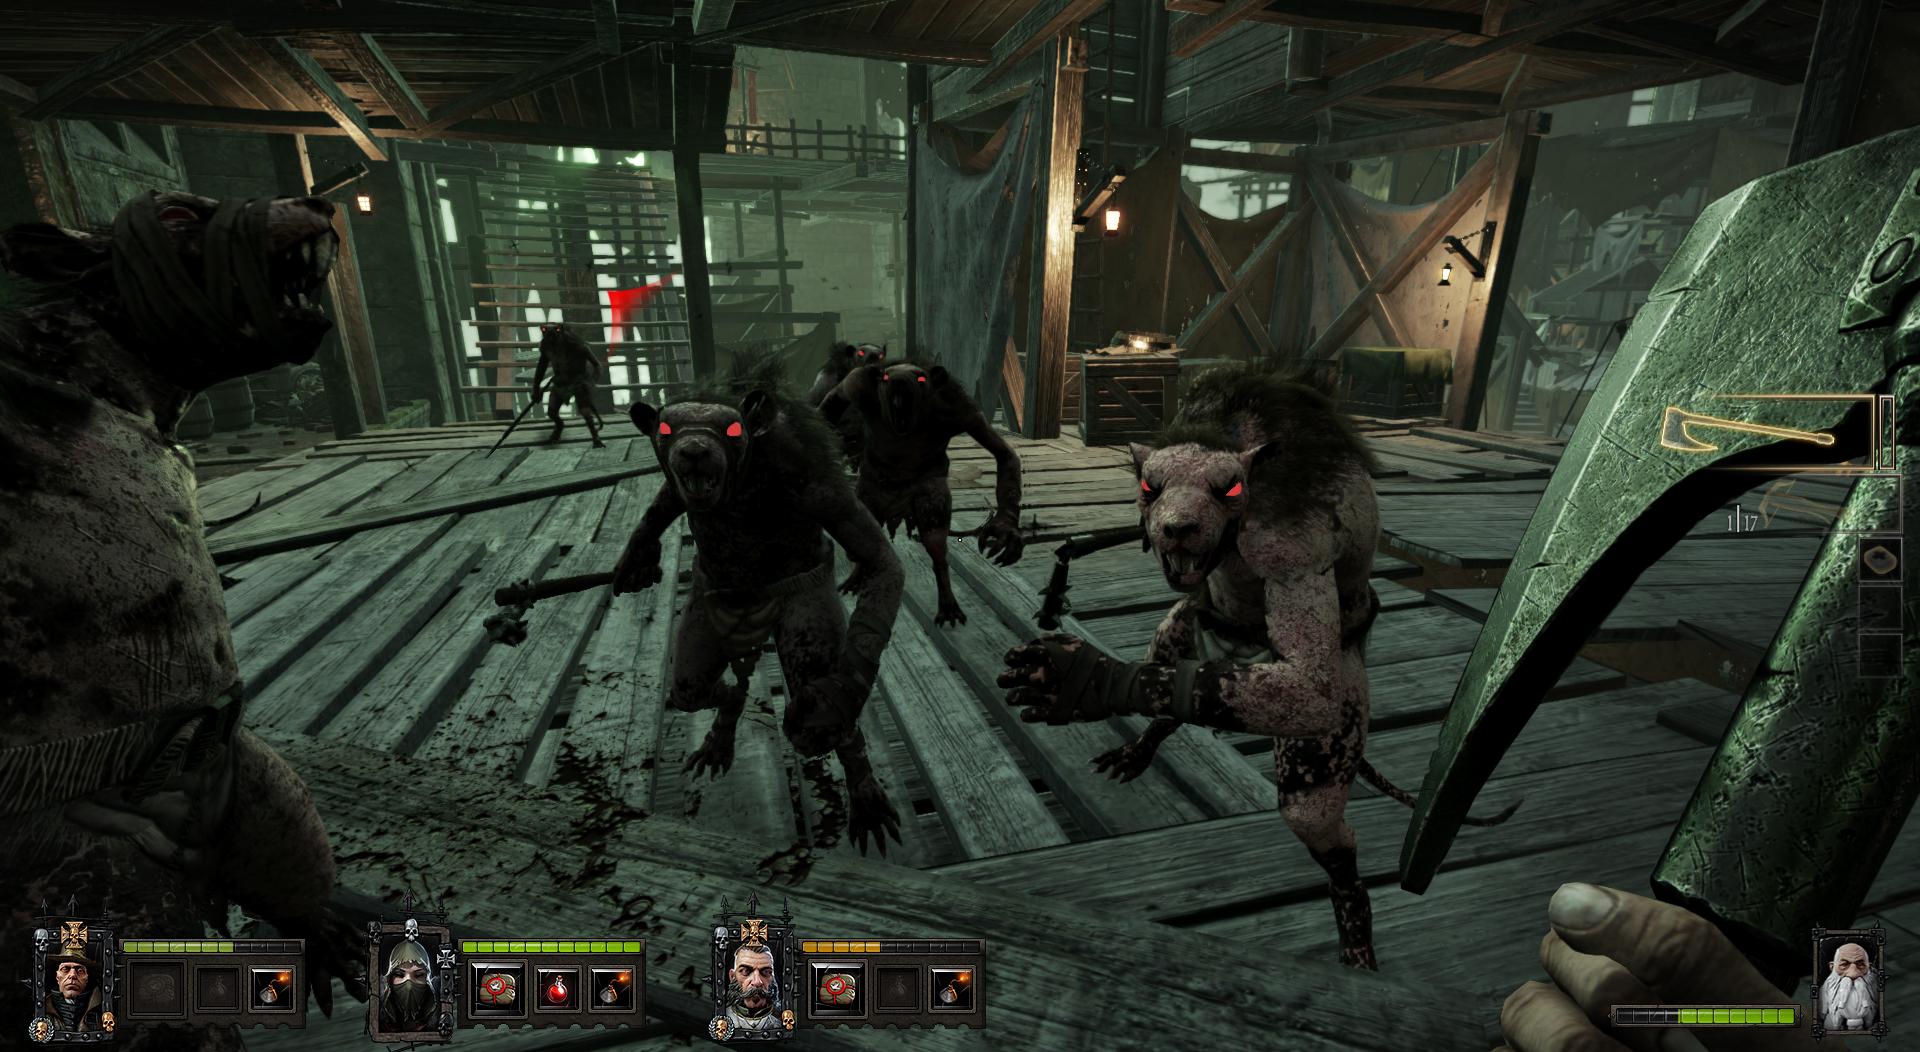 Warhammer End Times - Vermintide - Der Zwerg gegen die Skaven